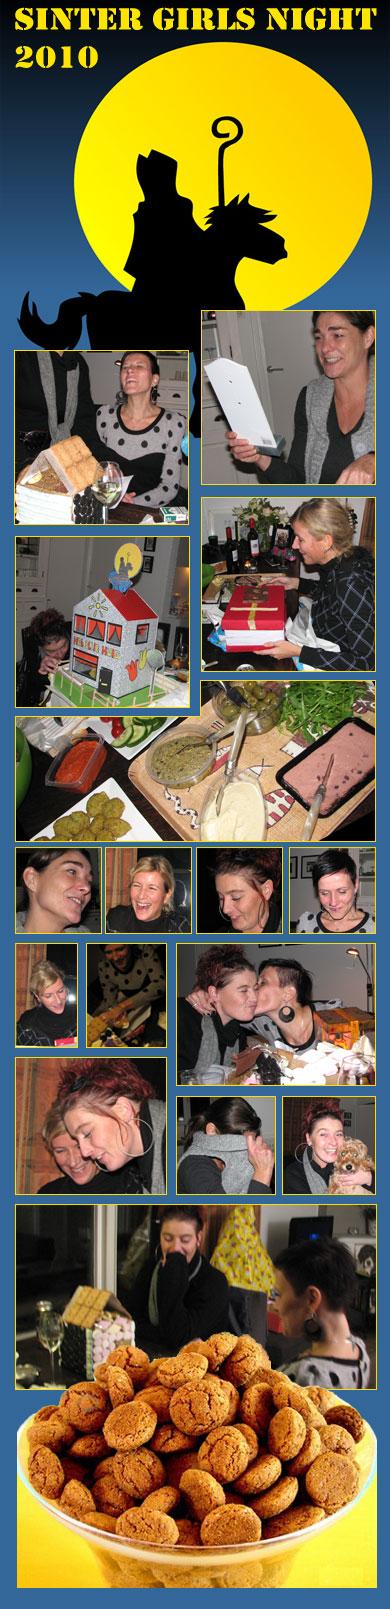 Sinterklaasavondje met de meiden, altijd heeeeeel erg gezellig! En ja, we waren er vroeg bij dit jaar ;-)